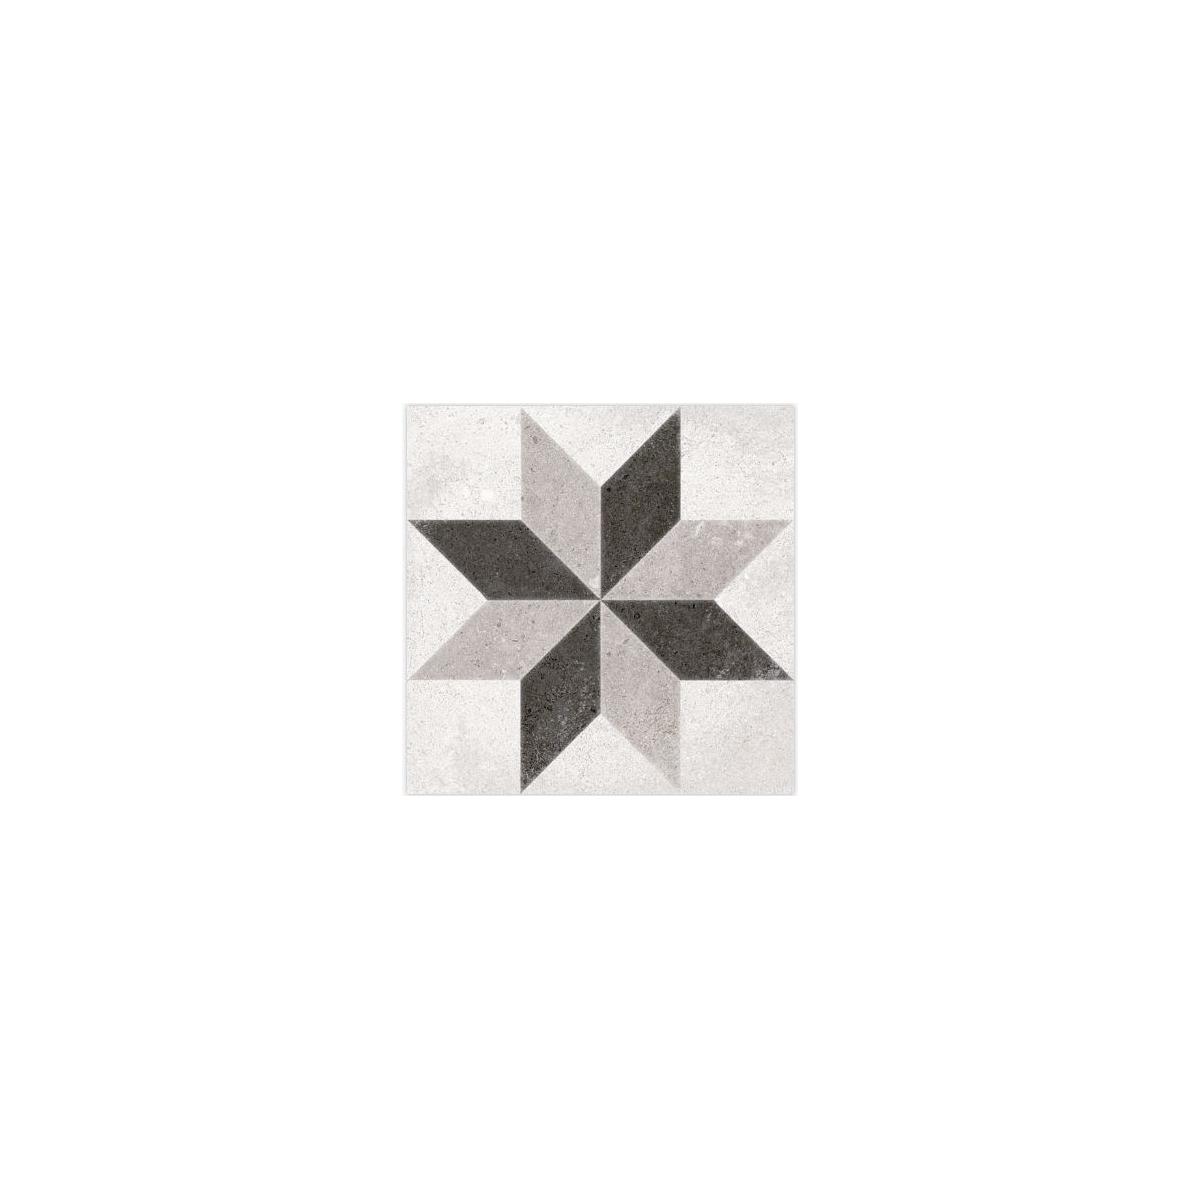 Taito Blanco 20x20 (m2) - Suelo imitación hidráulico antideslizante